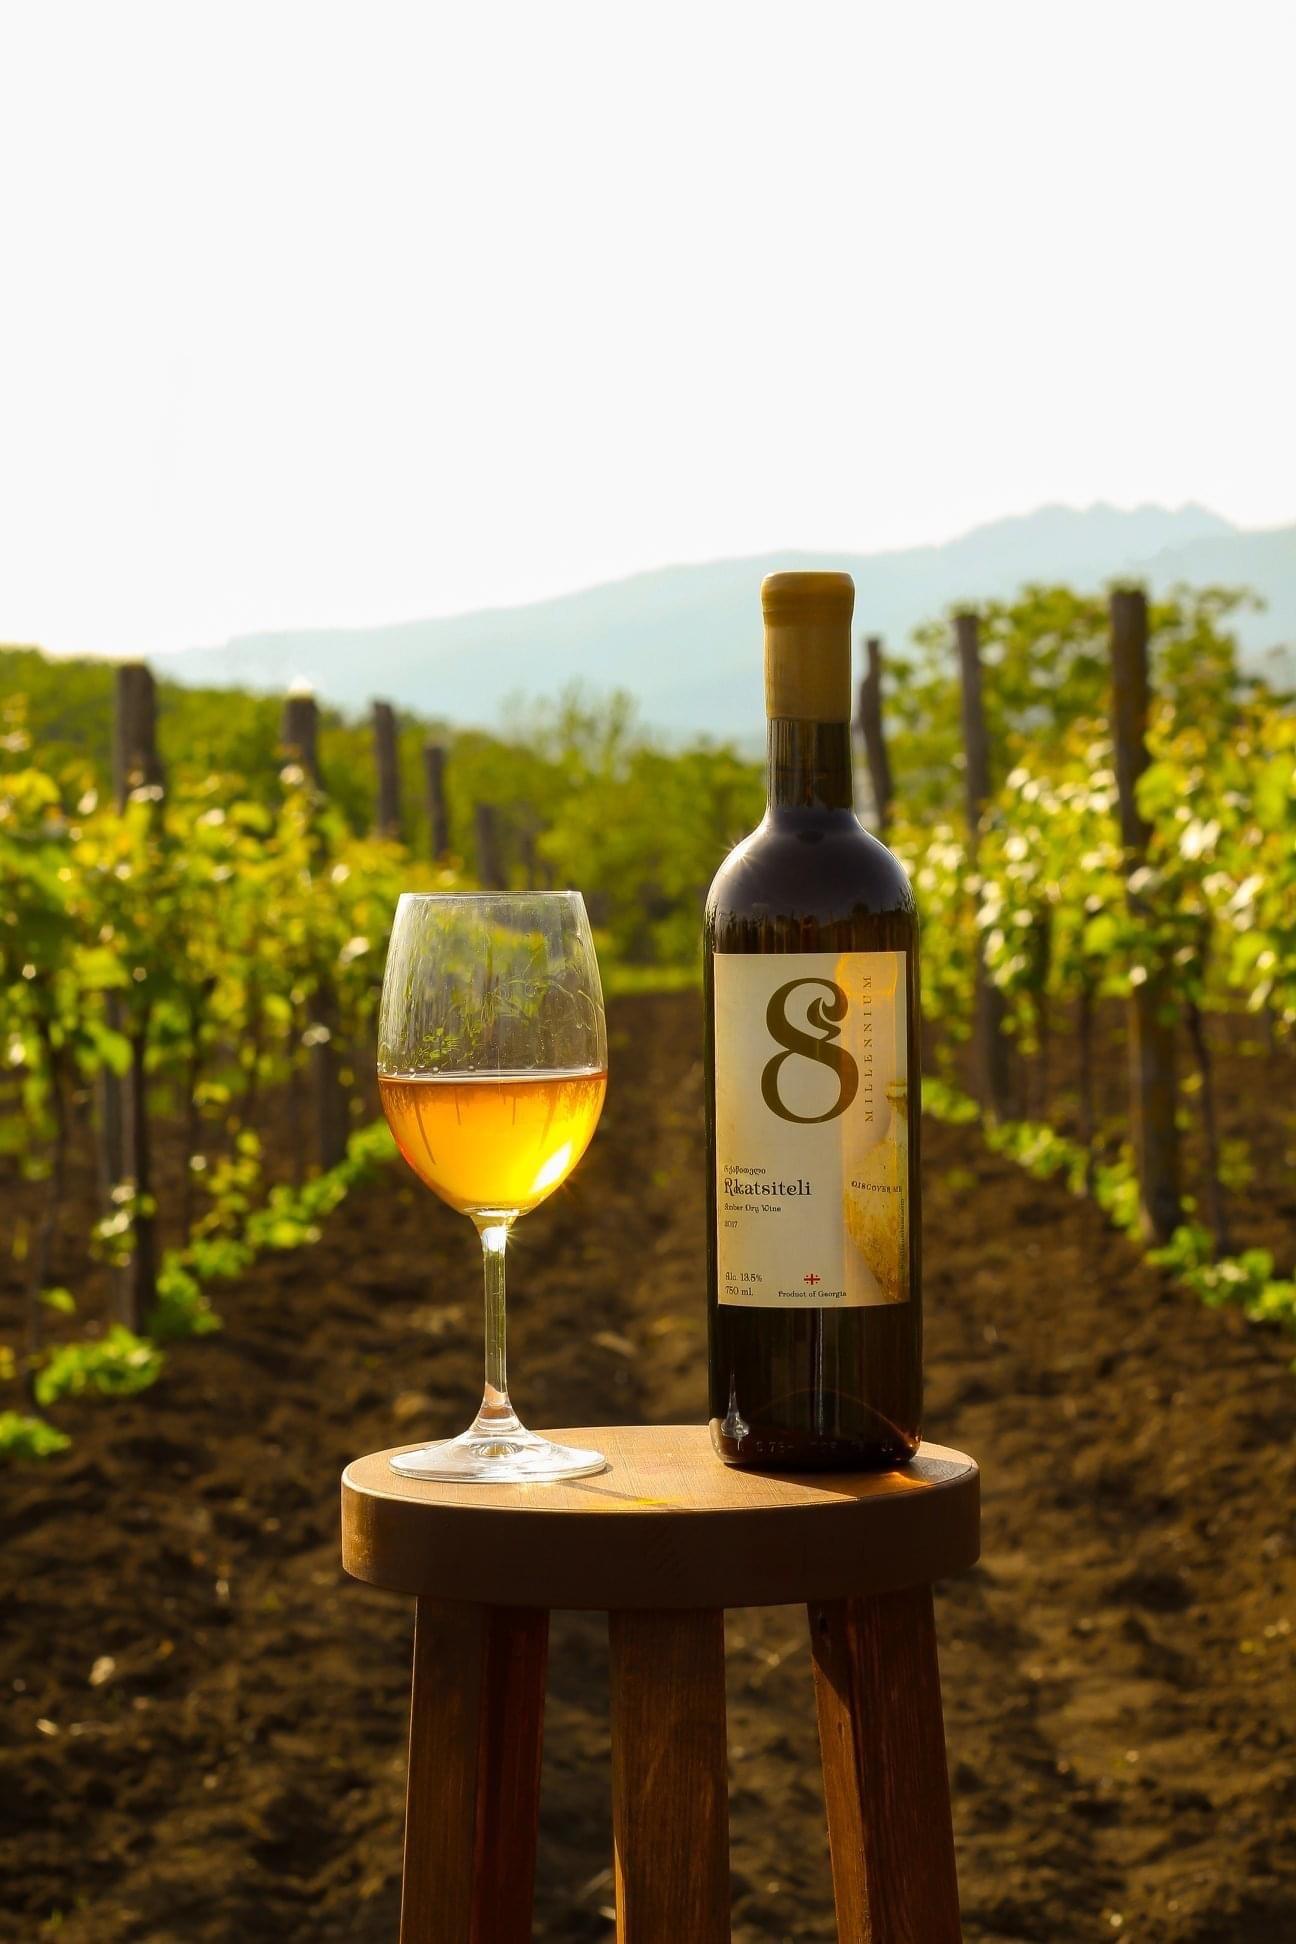 Merk  8millennium  Amber wine tasting package biodynamic (6x)